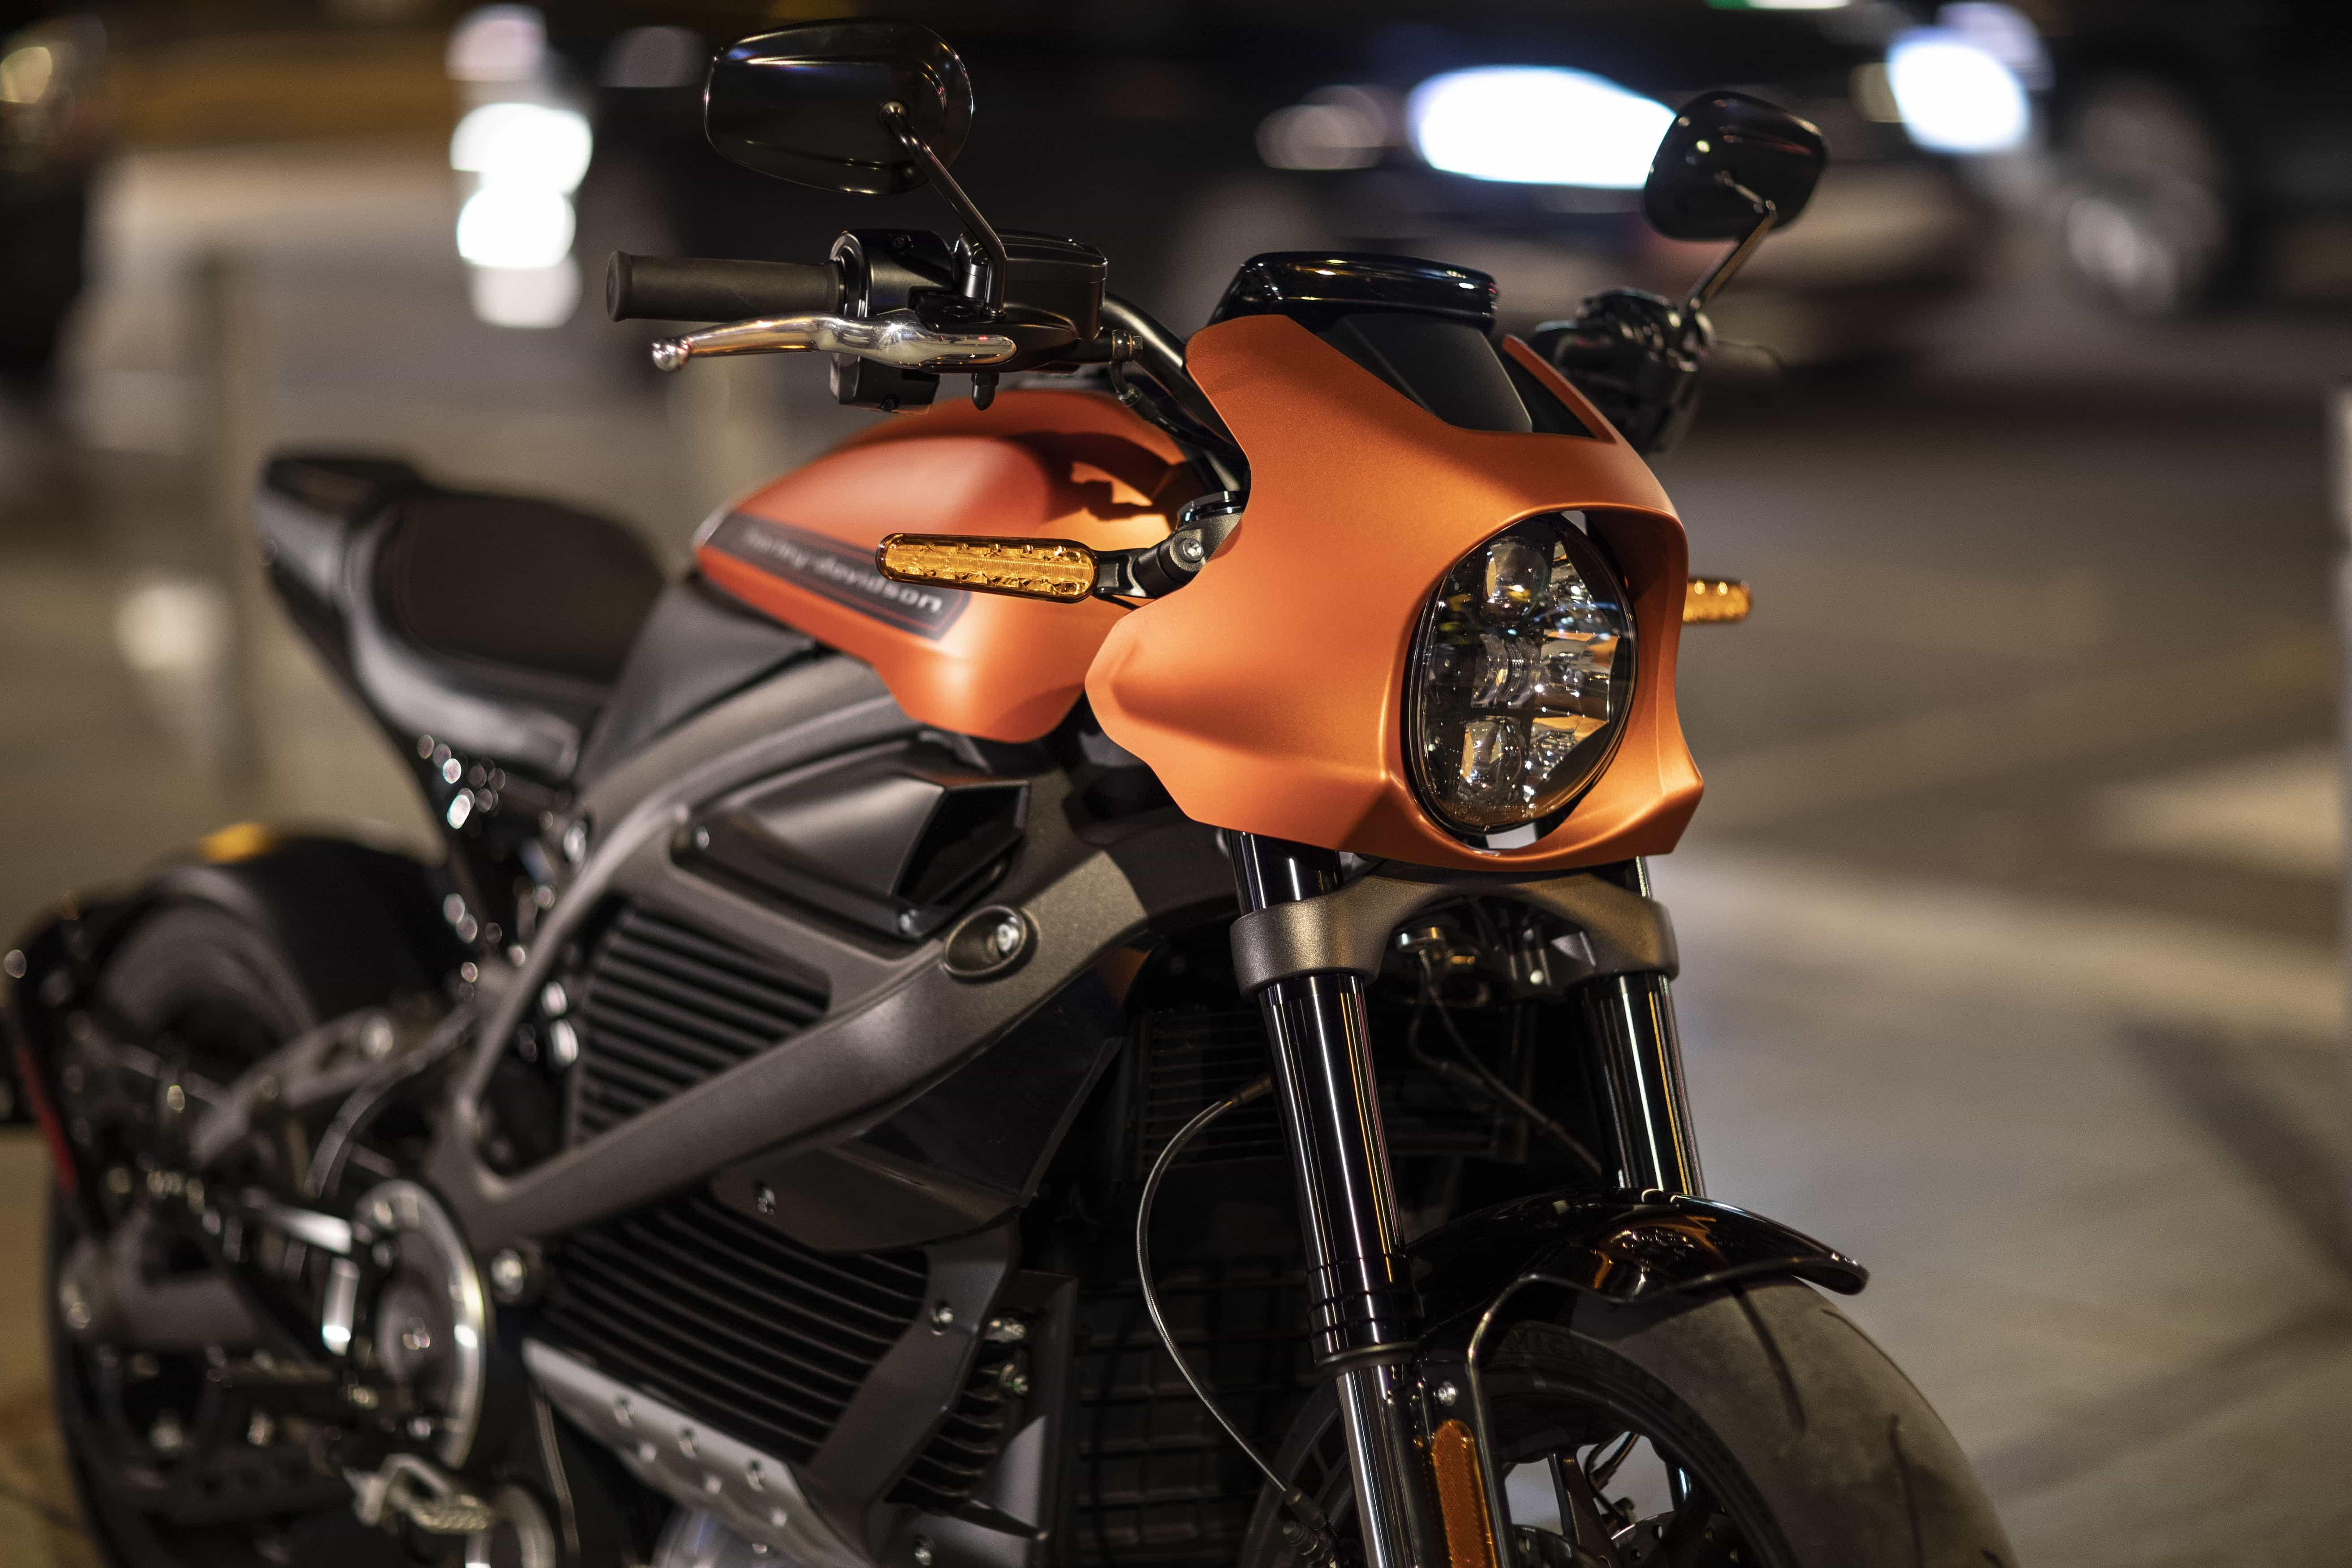 ハーレーダビッドソンが2020年に発売する電動バイク Livewire(ライブワイヤー)のスペックが明らかに